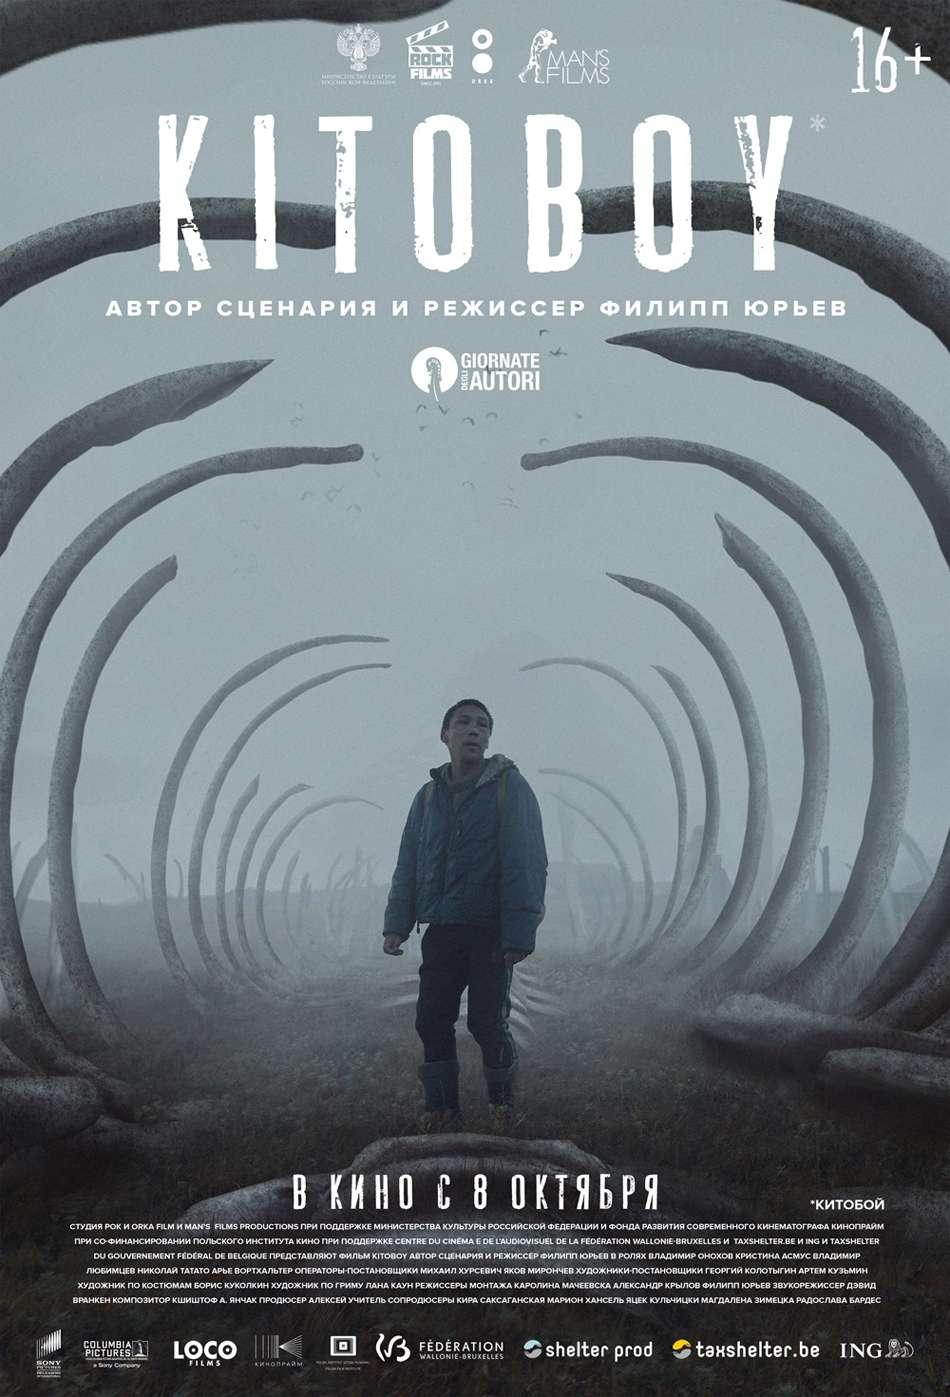 Το ταξίδι της φάλαινας (Kitoboy / The Whaler Boy) Poster Πόστερ